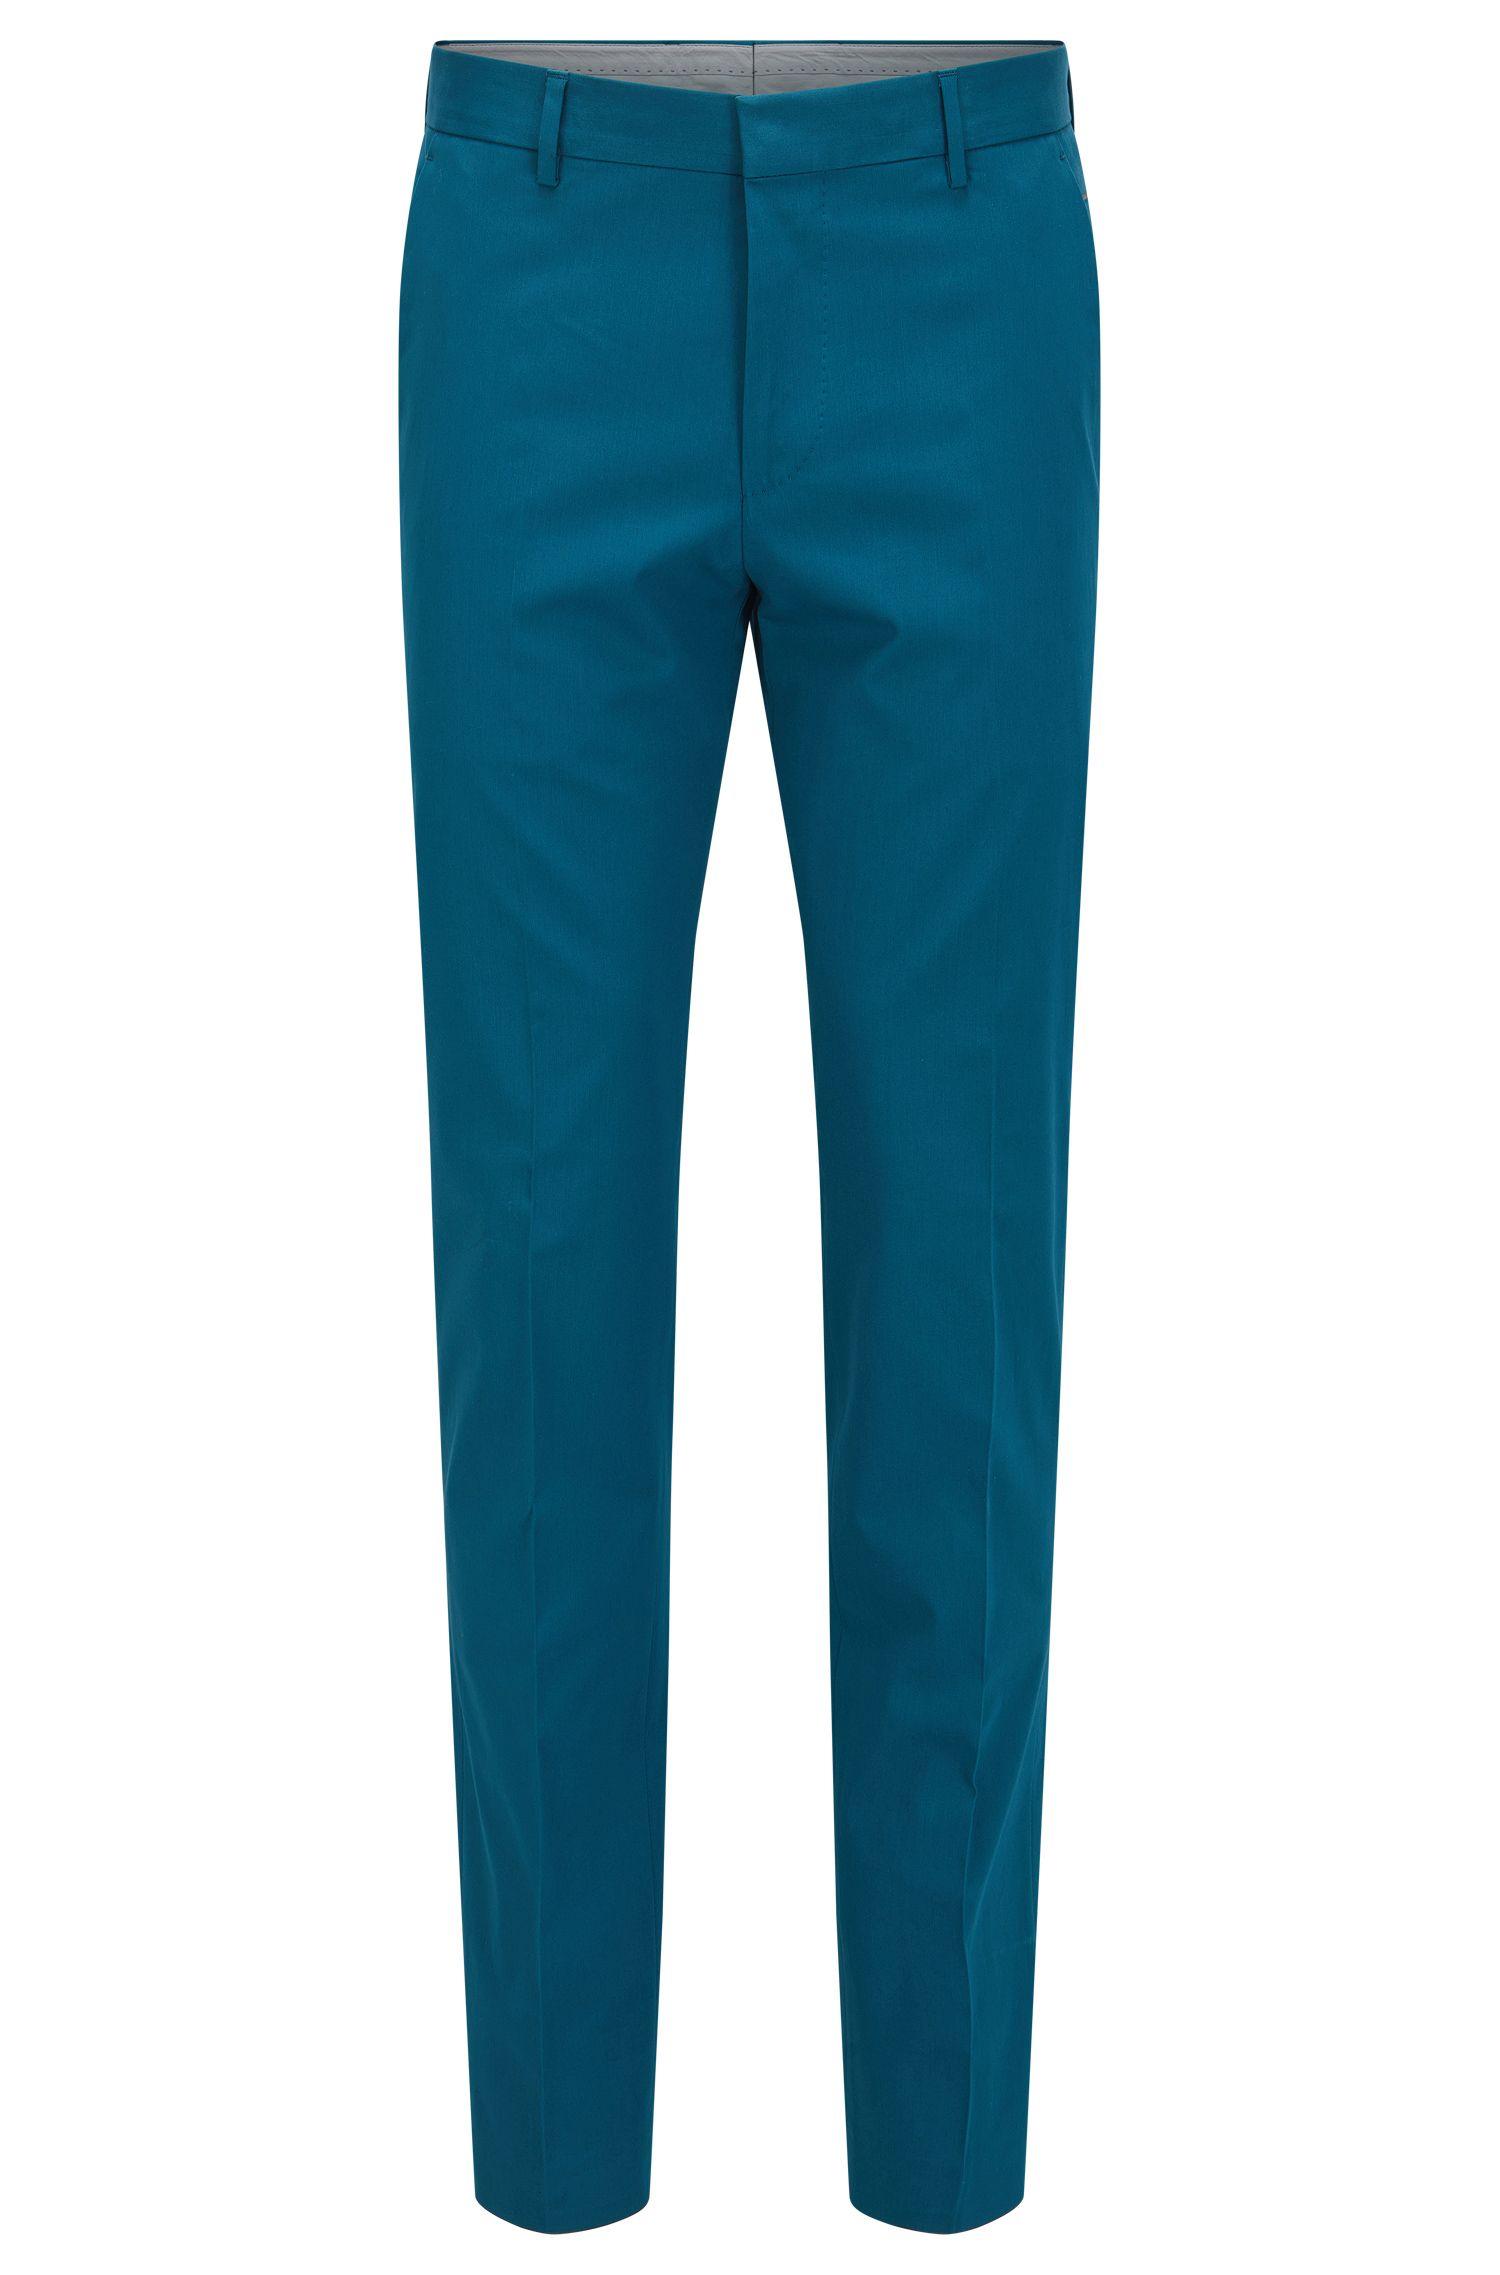 Pantalón slim fit en algodón elástico